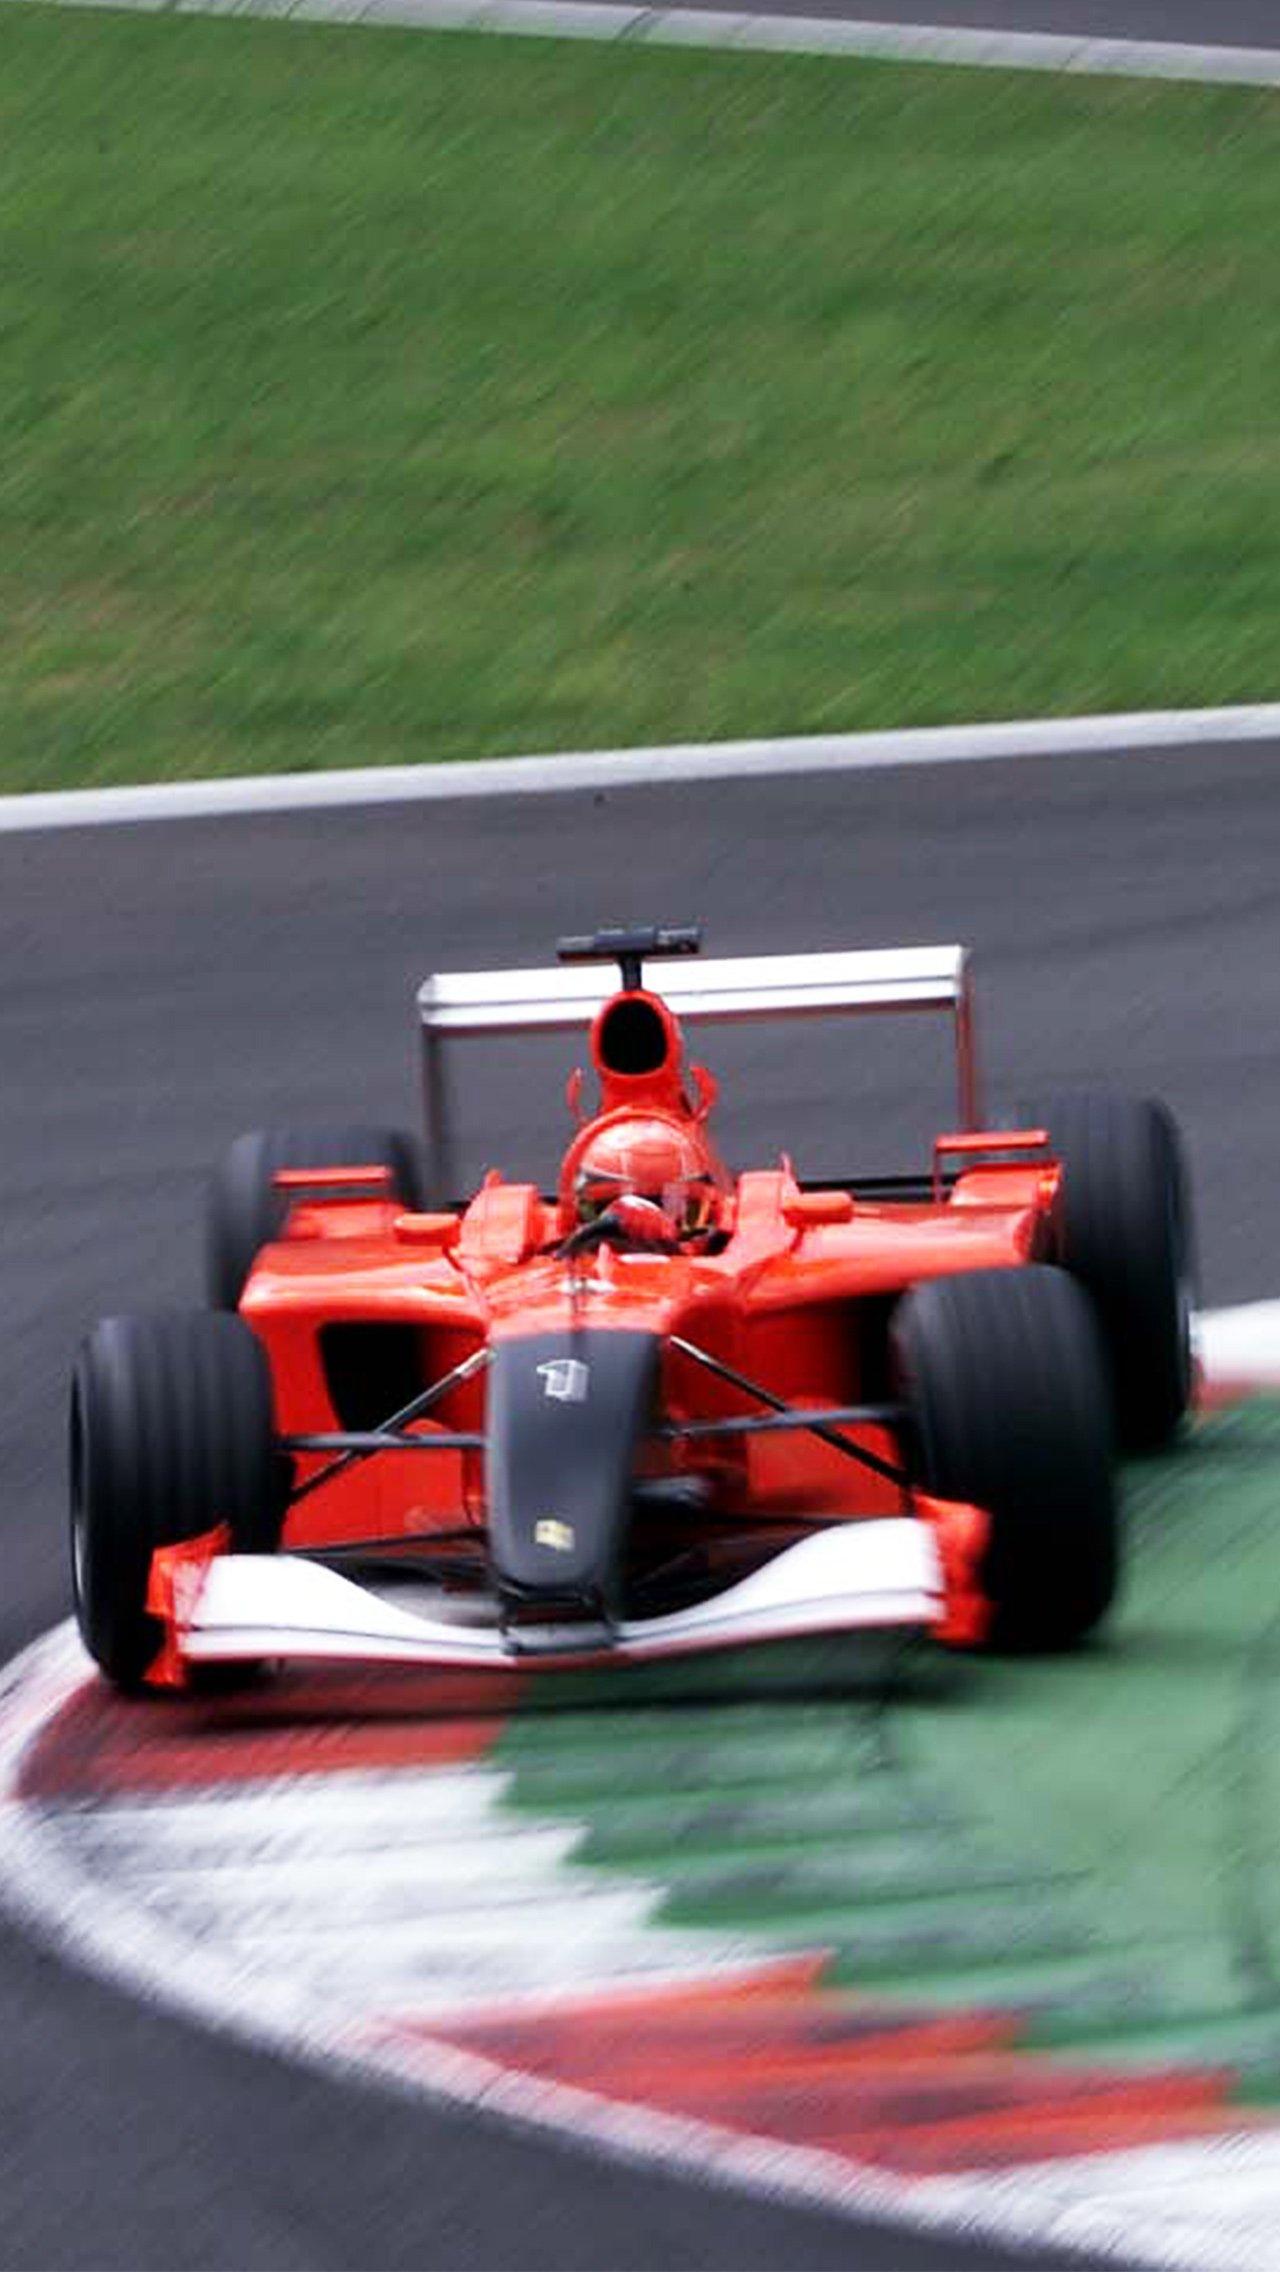 После терактов 11 сентября «Феррари» убрала на Гран-при Италии все спонсорские логотипы и раскрасила нос в чёрный цвет.